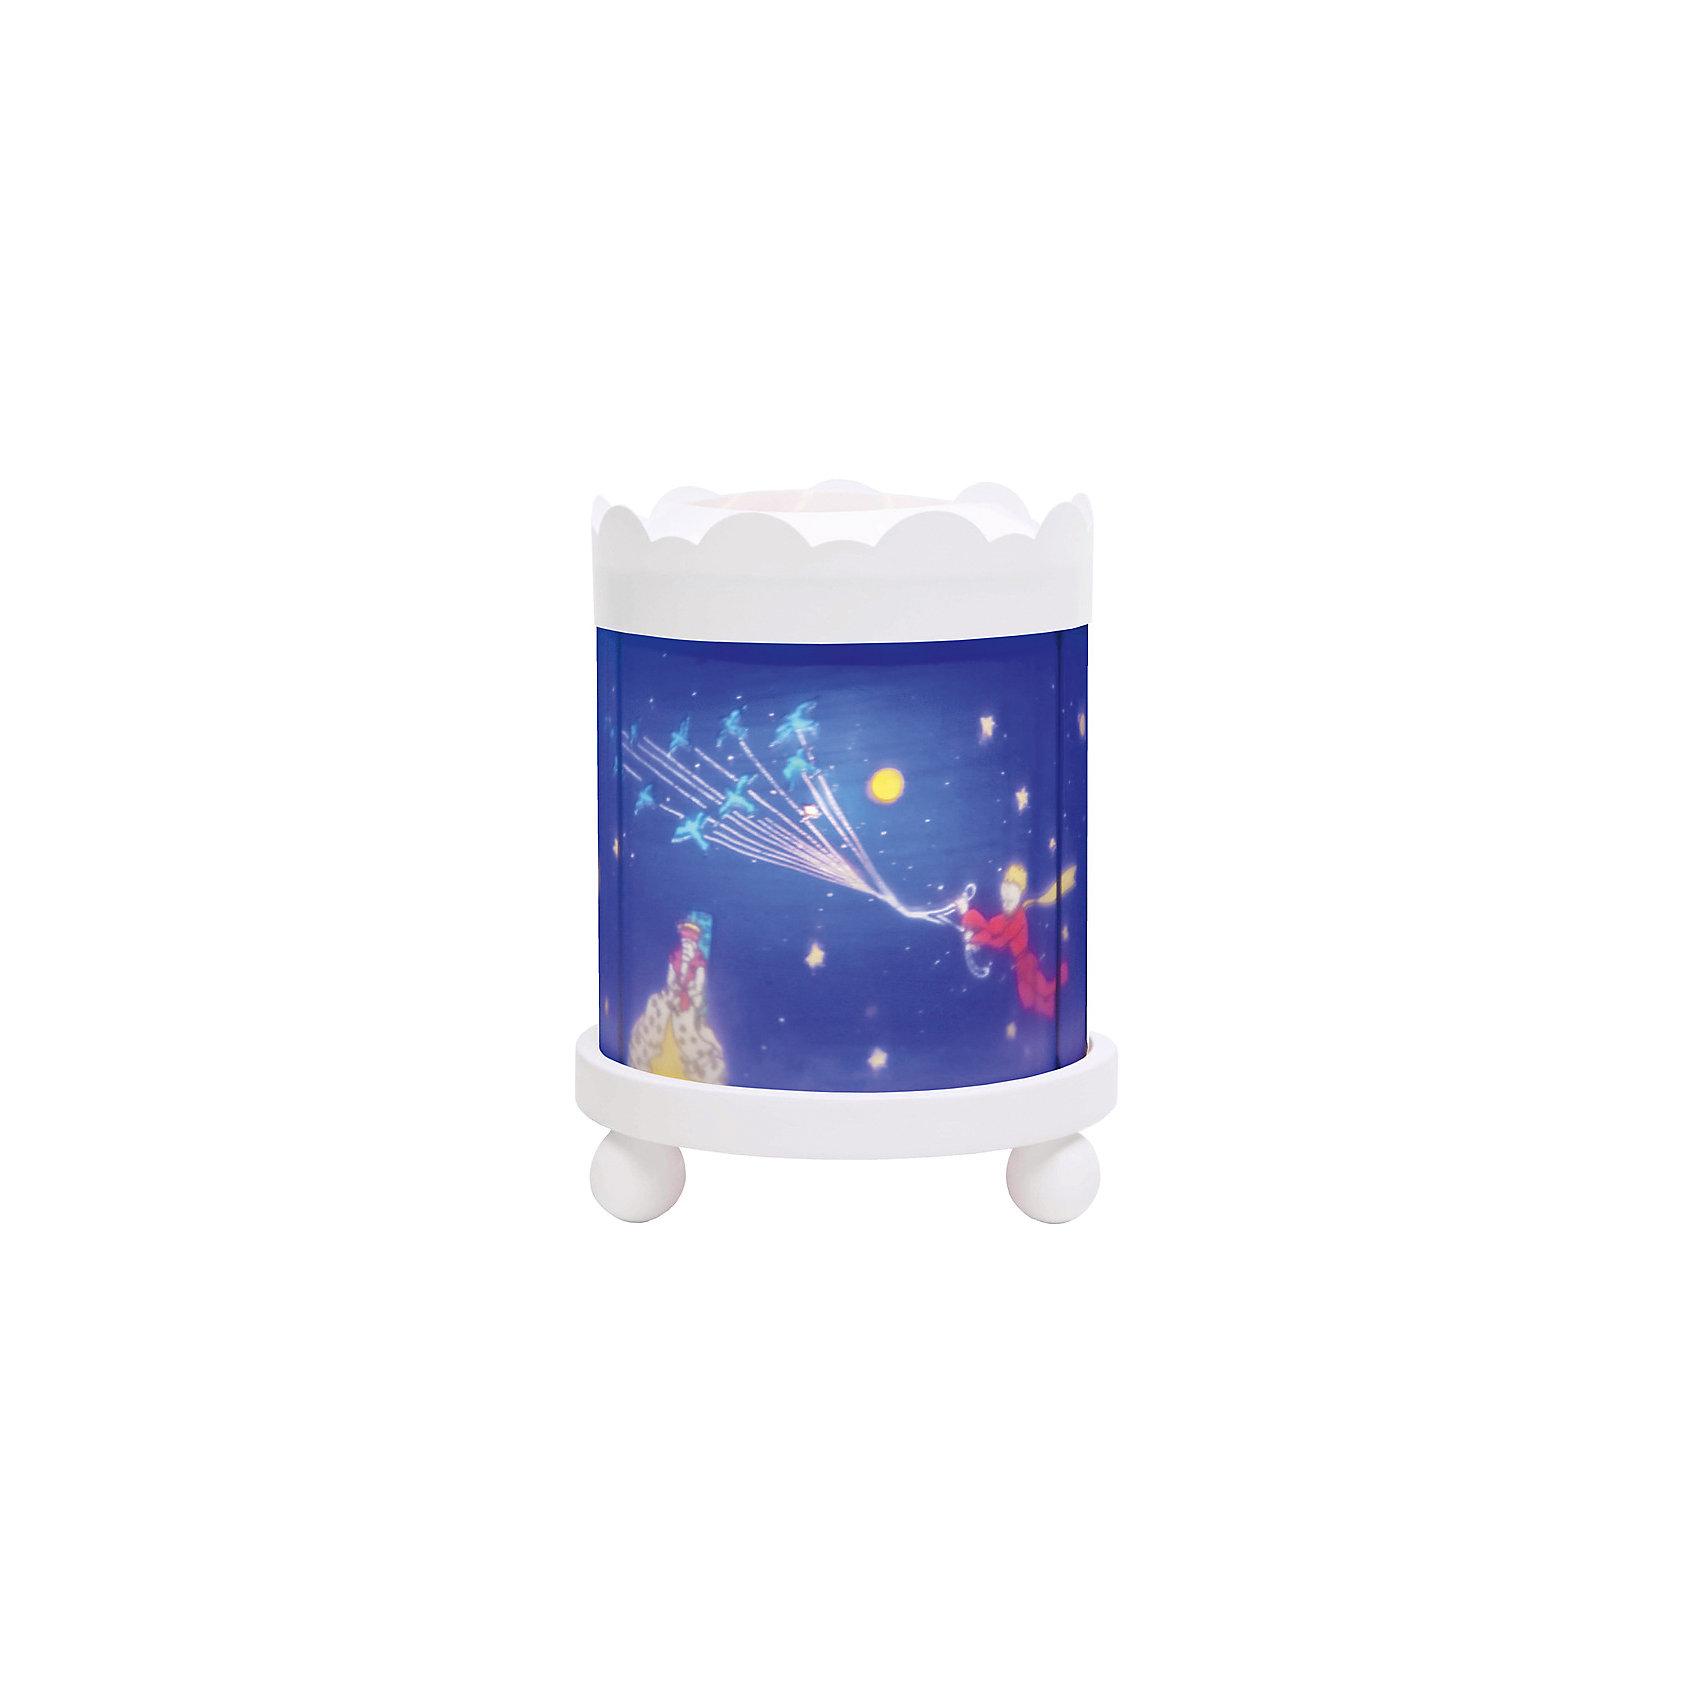 Светильник-ночник с функцией проектора Little Prince, TrousselierНочные страхи легко уходят из комнаты, в которой стоит ночник! С ночником любое помещение становится уютнее! Для детей это еще и повышение качества сна - с ночником они спят спокойнее, так как вокруг нет пугающей темноты.<br>Этот ночник выглядит очень красиво - на нем изображены симпатичные картинки, жароустойчивый цилиндр ночника вращается и создает приятное мягкое освещение вокруг него. Корпус ночника - прочный, металлический. Если его снять, то ночник будет работать как проектор и отправлять изображение героев на стены. Изделие произведено из высококачественных материалов, и соответствует европейским стандартам безопасности.<br><br>Дополнительная информация:<br><br>цвет: разноцветный;<br>материал: металл, жароустойчивый пластик, дерево;<br>работает от розетки;<br>внутри - лампочка 12 V 20 W;<br>вес: 800 г;<br>размер: 17 х 17 х 22 см.<br><br>Светильник-ночник с функцией проектора Little Prince от французской компании Trousselier можно купить в нашем магазине.<br><br>Ширина мм: 175<br>Глубина мм: 175<br>Высота мм: 260<br>Вес г: 930<br>Возраст от месяцев: 0<br>Возраст до месяцев: 216<br>Пол: Мужской<br>Возраст: Детский<br>SKU: 4961817